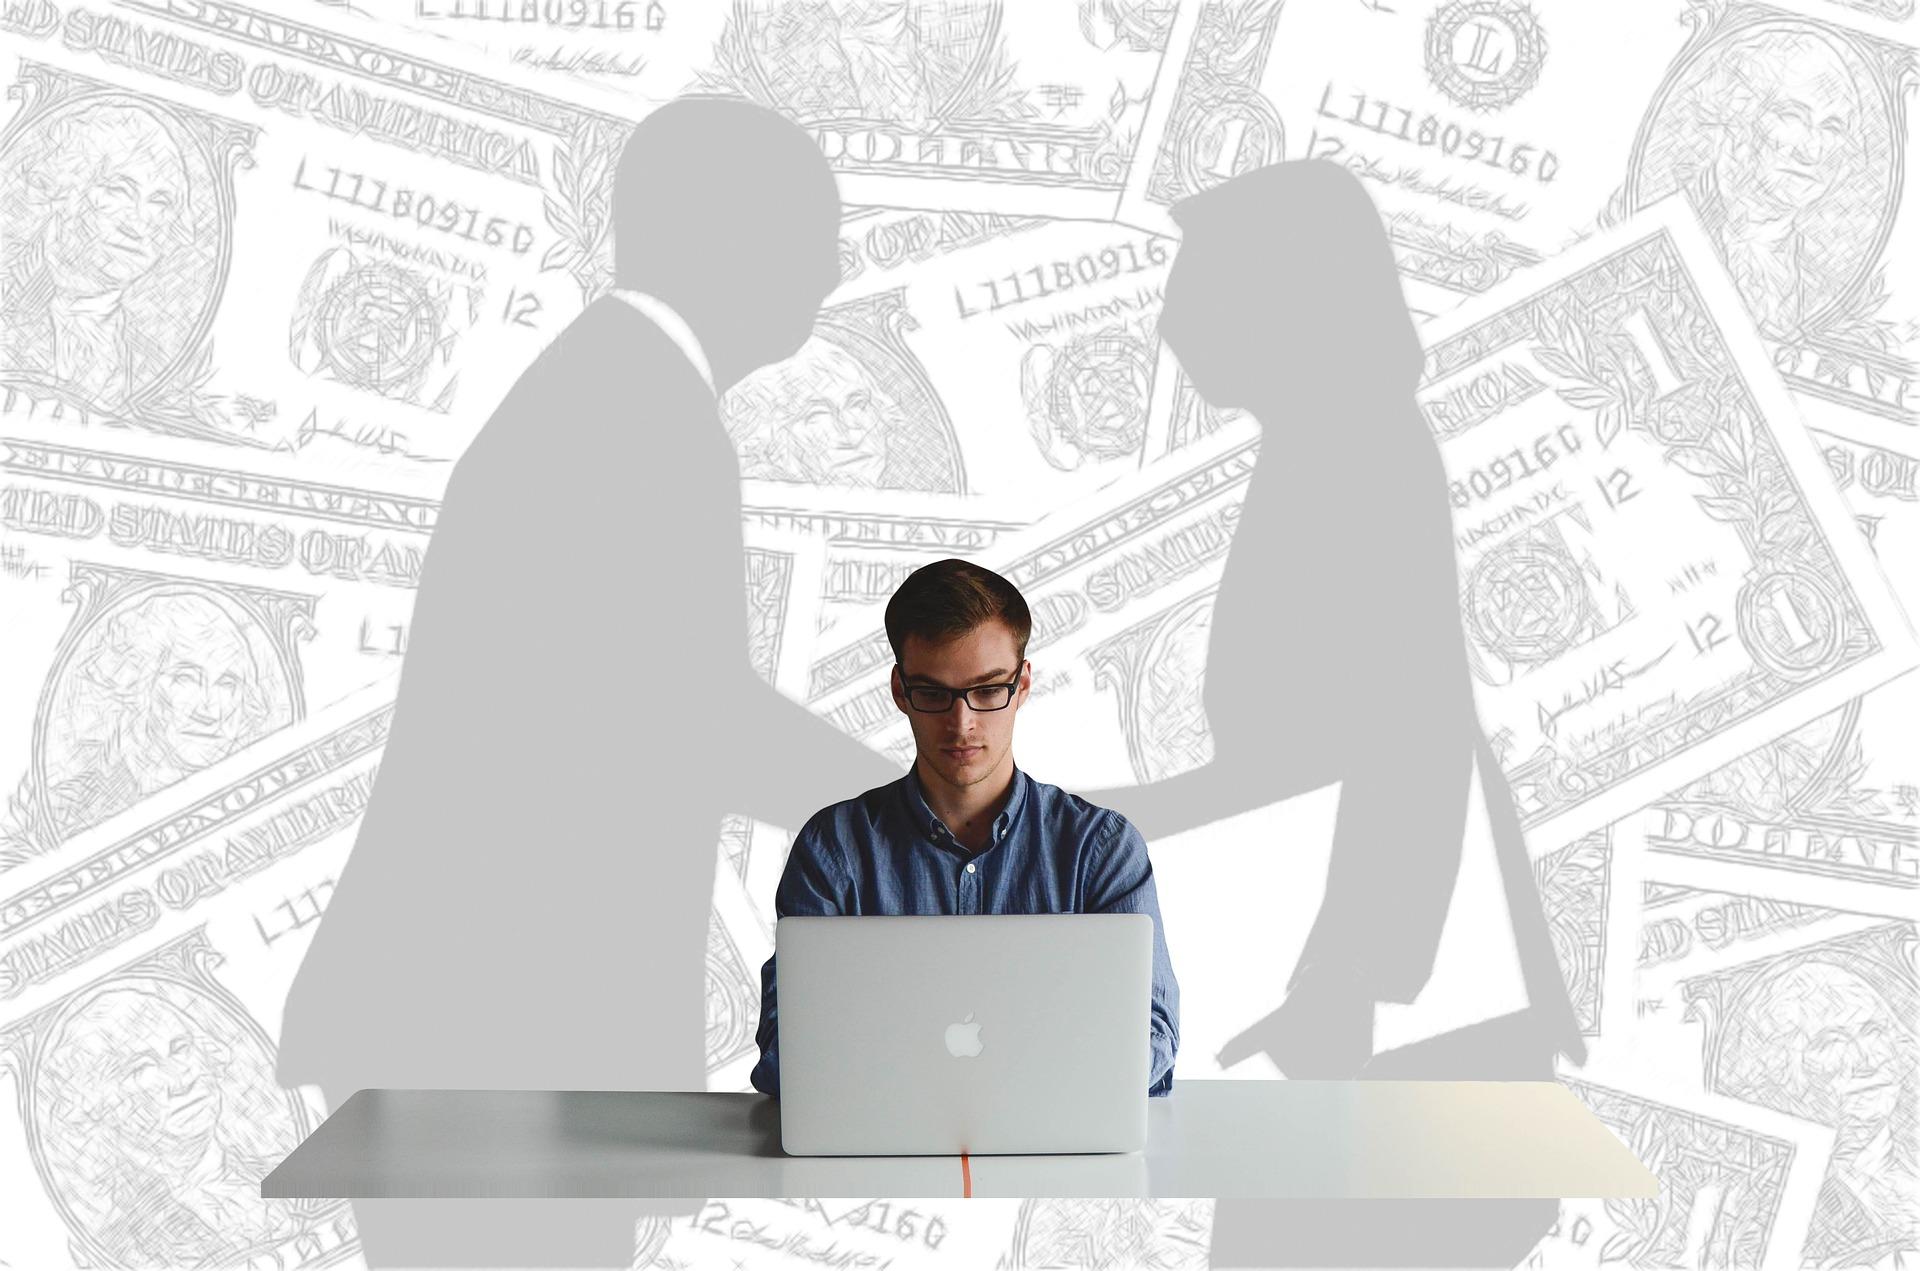 Administrar finanças os segredos da mente milionária